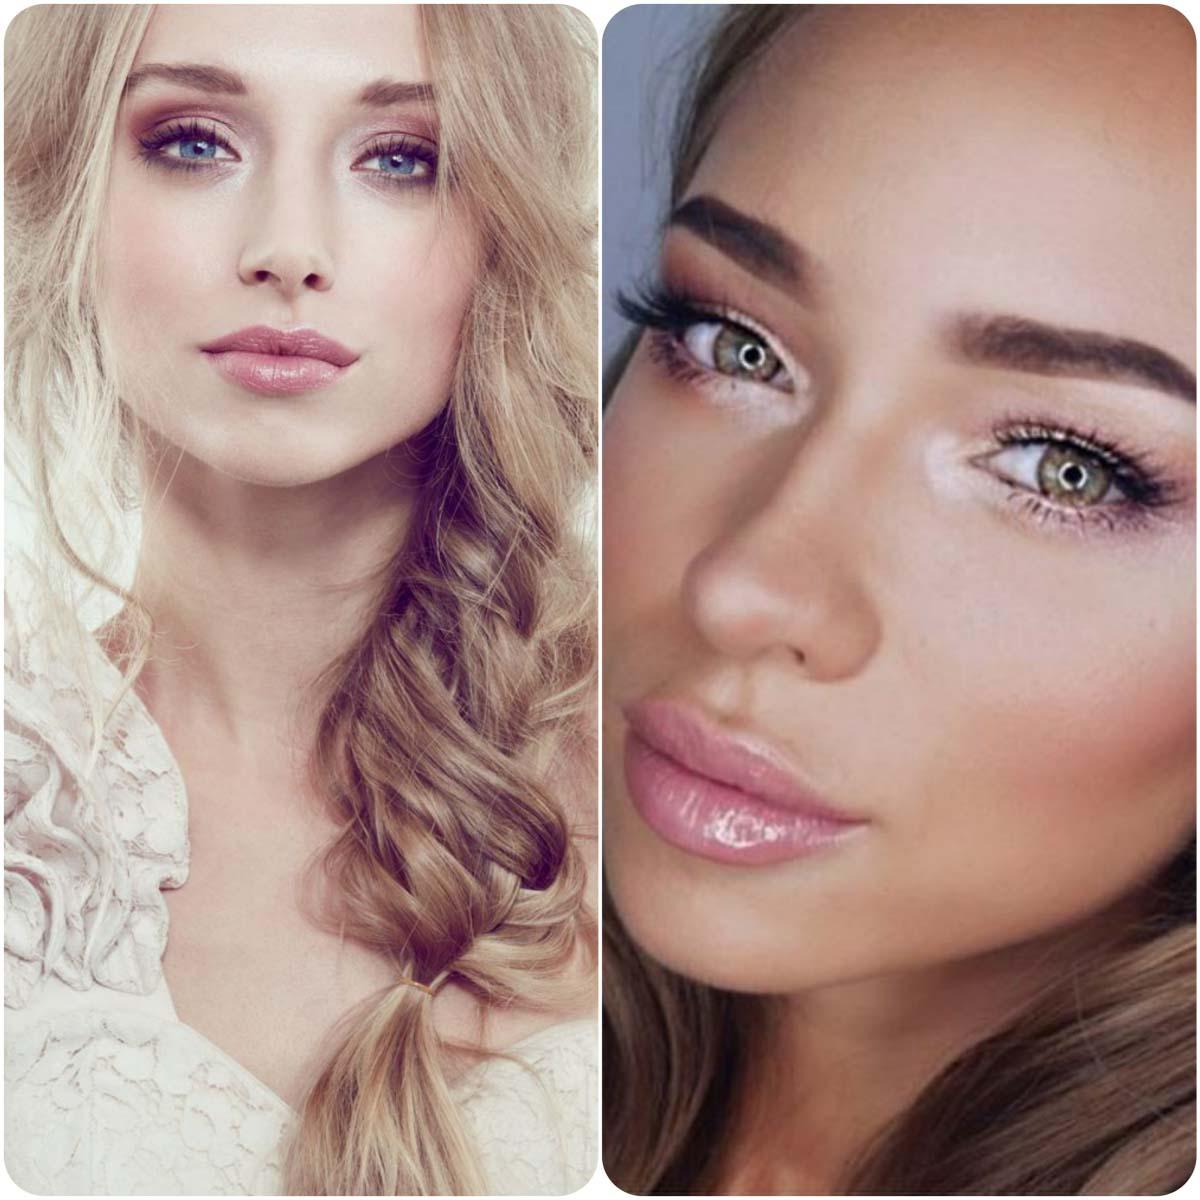 Late SpringSummer Makeup Ideas 2016-2017 For Girls (2)